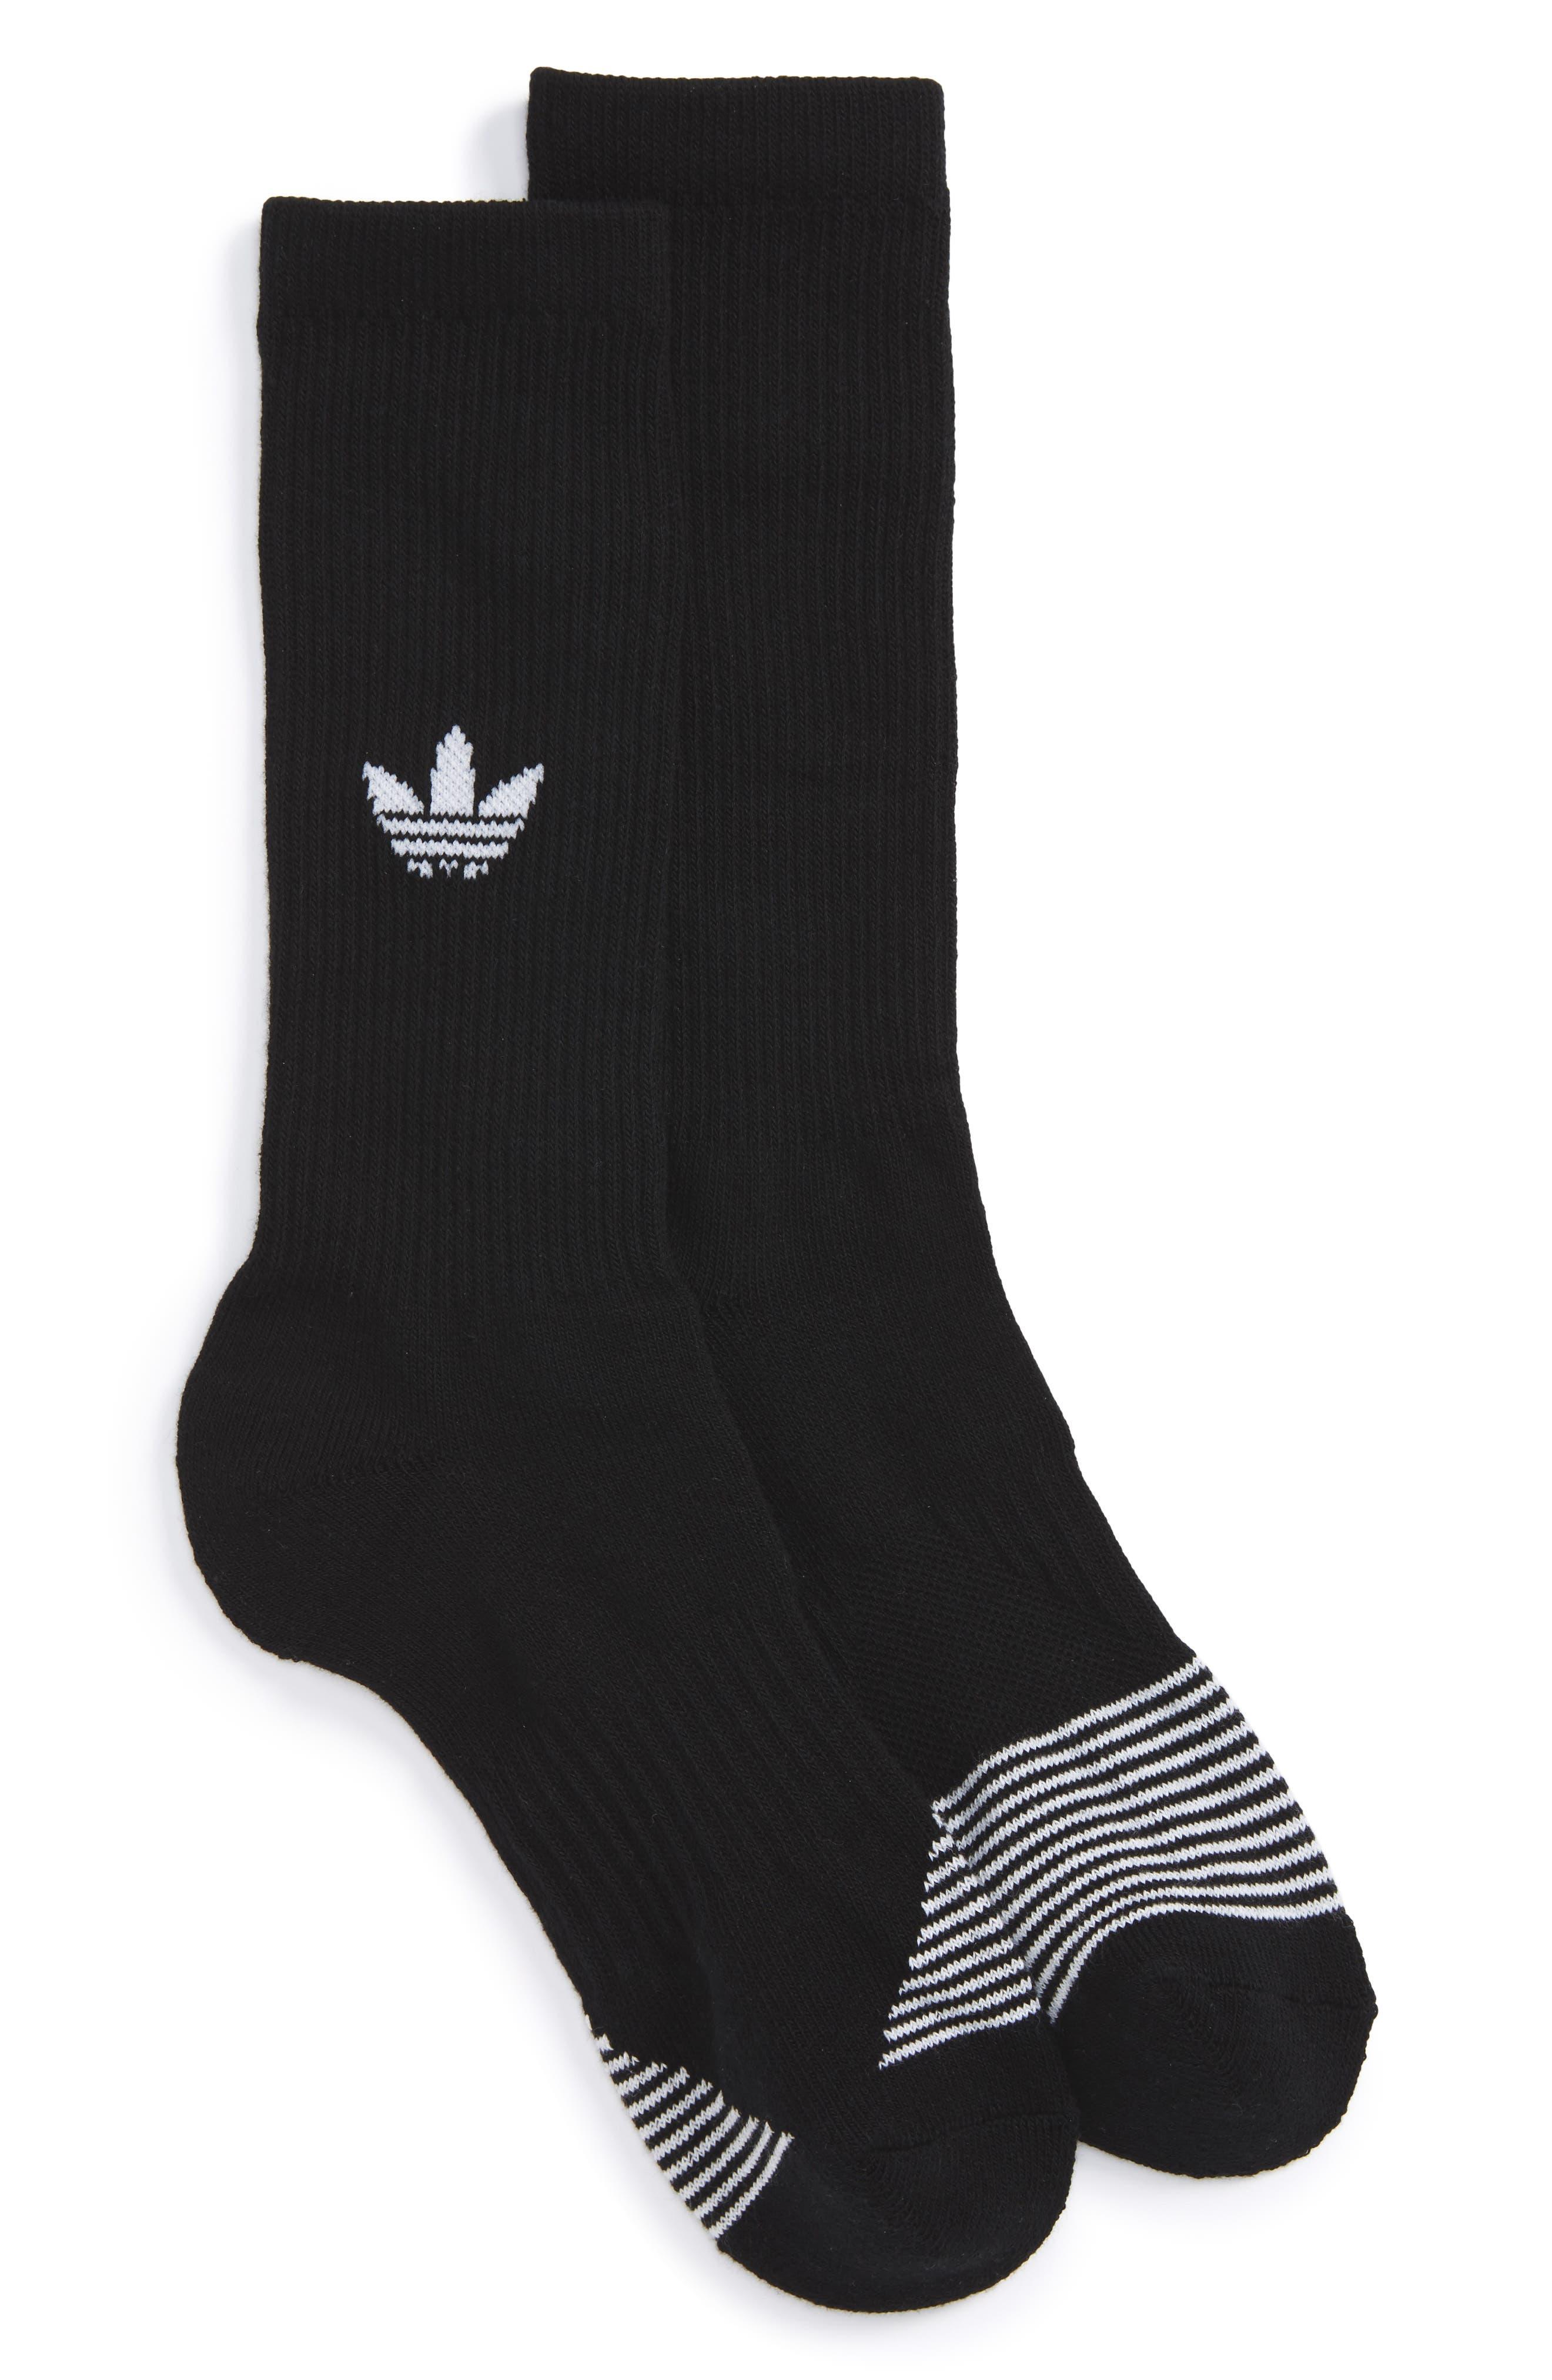 Equipment Crew Socks,                         Main,                         color, Black/ White